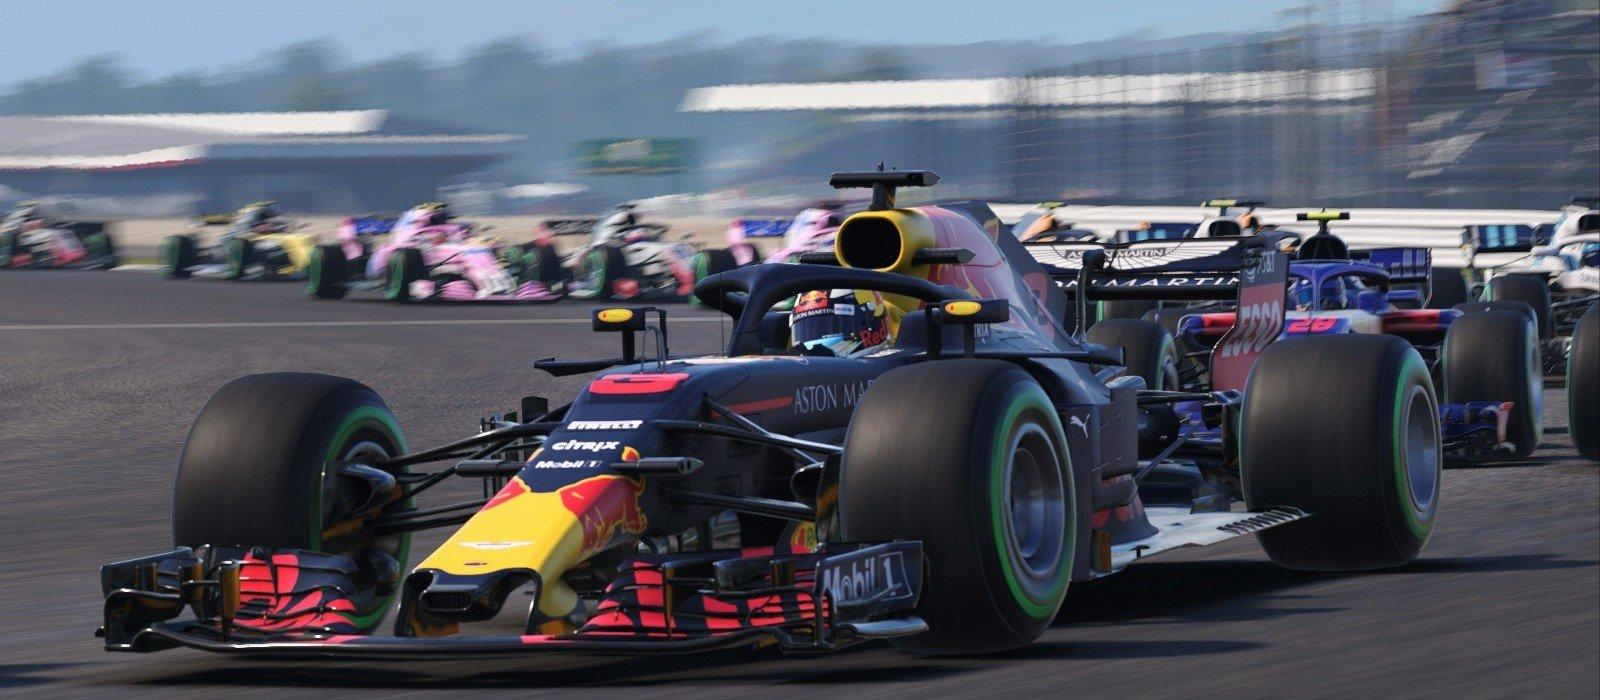 Халява Steamверсию игры F1 2018 можно получить бесплатно на Humble Bundle